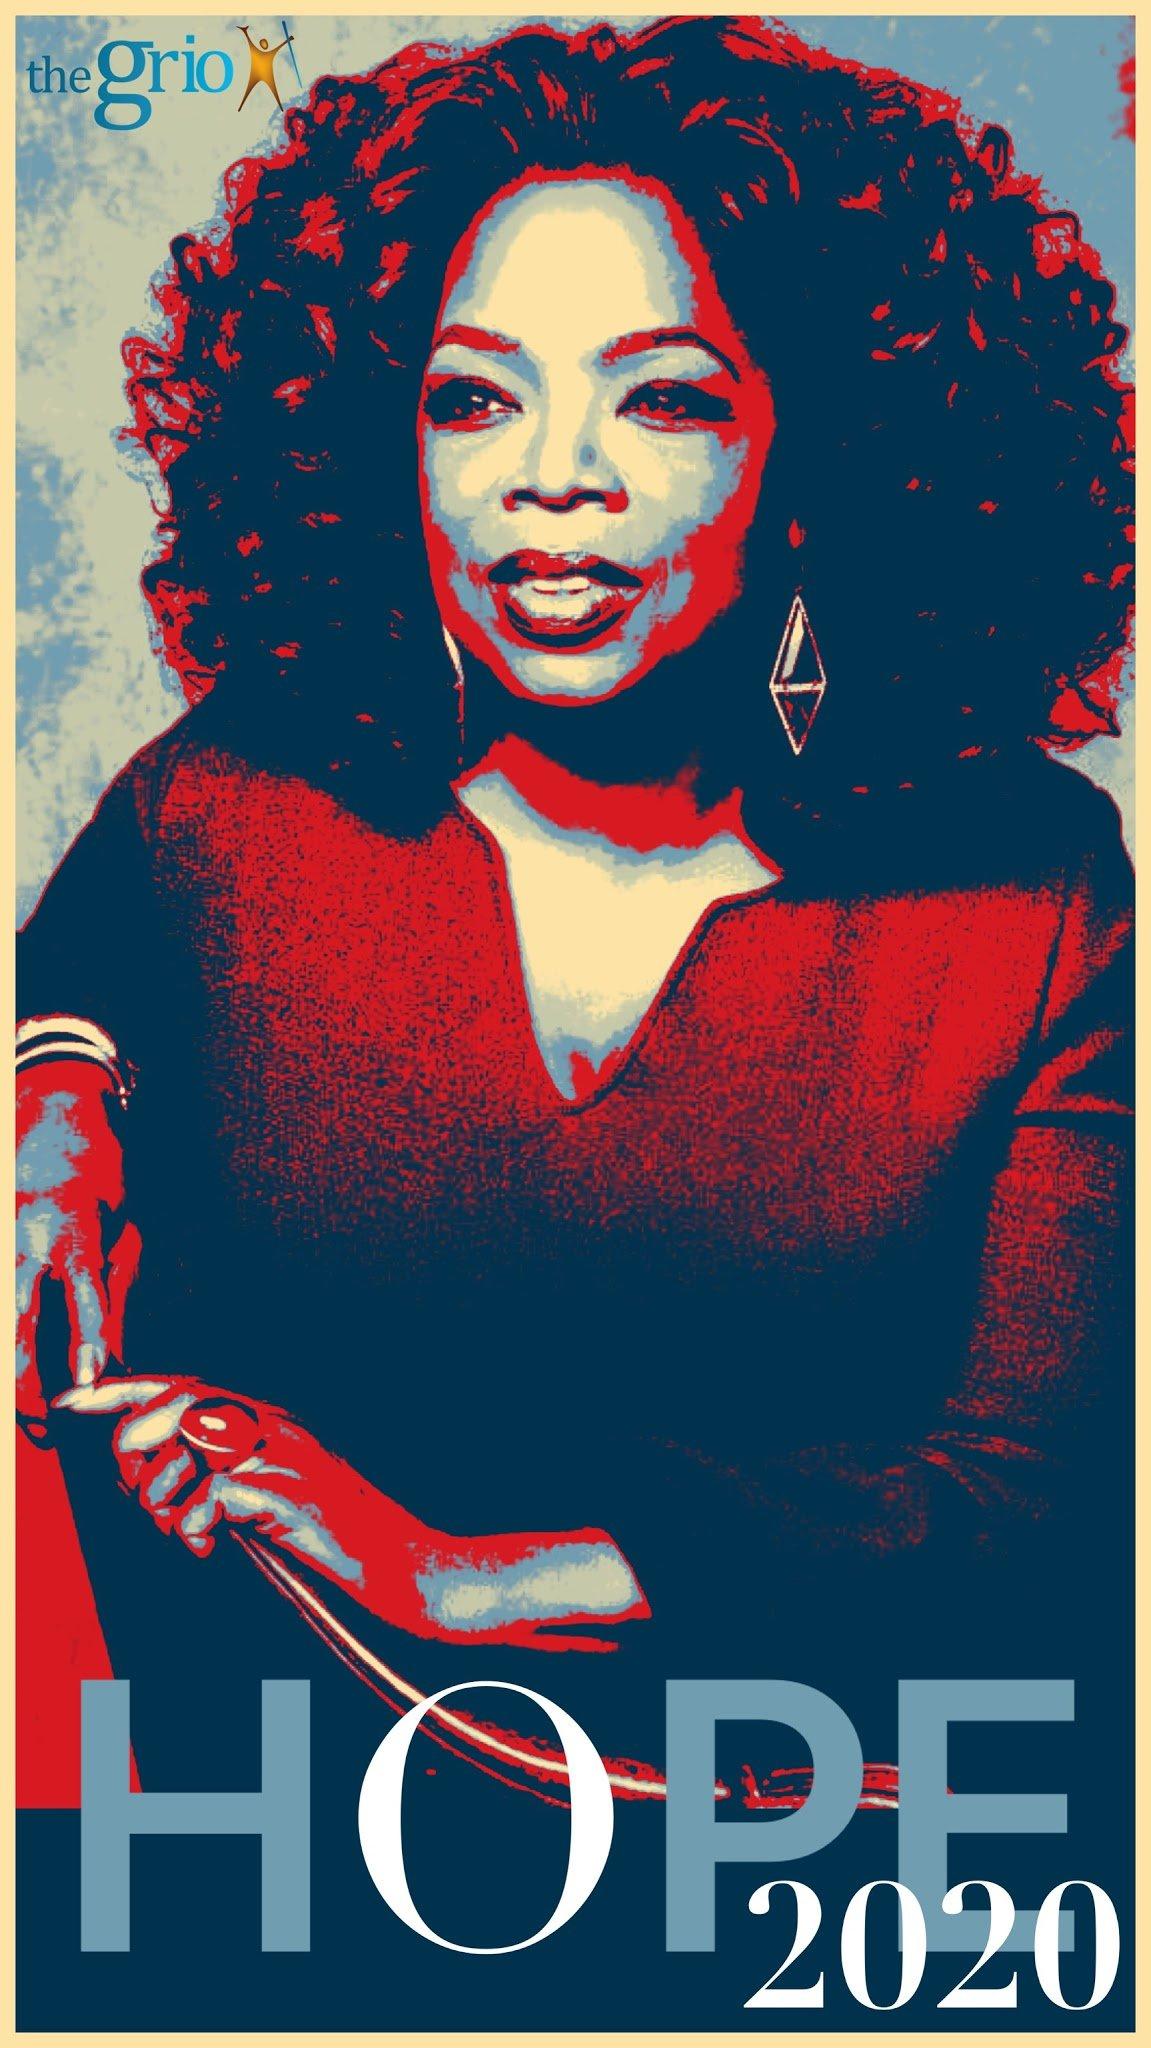 Oprah 2020 thegrio.com